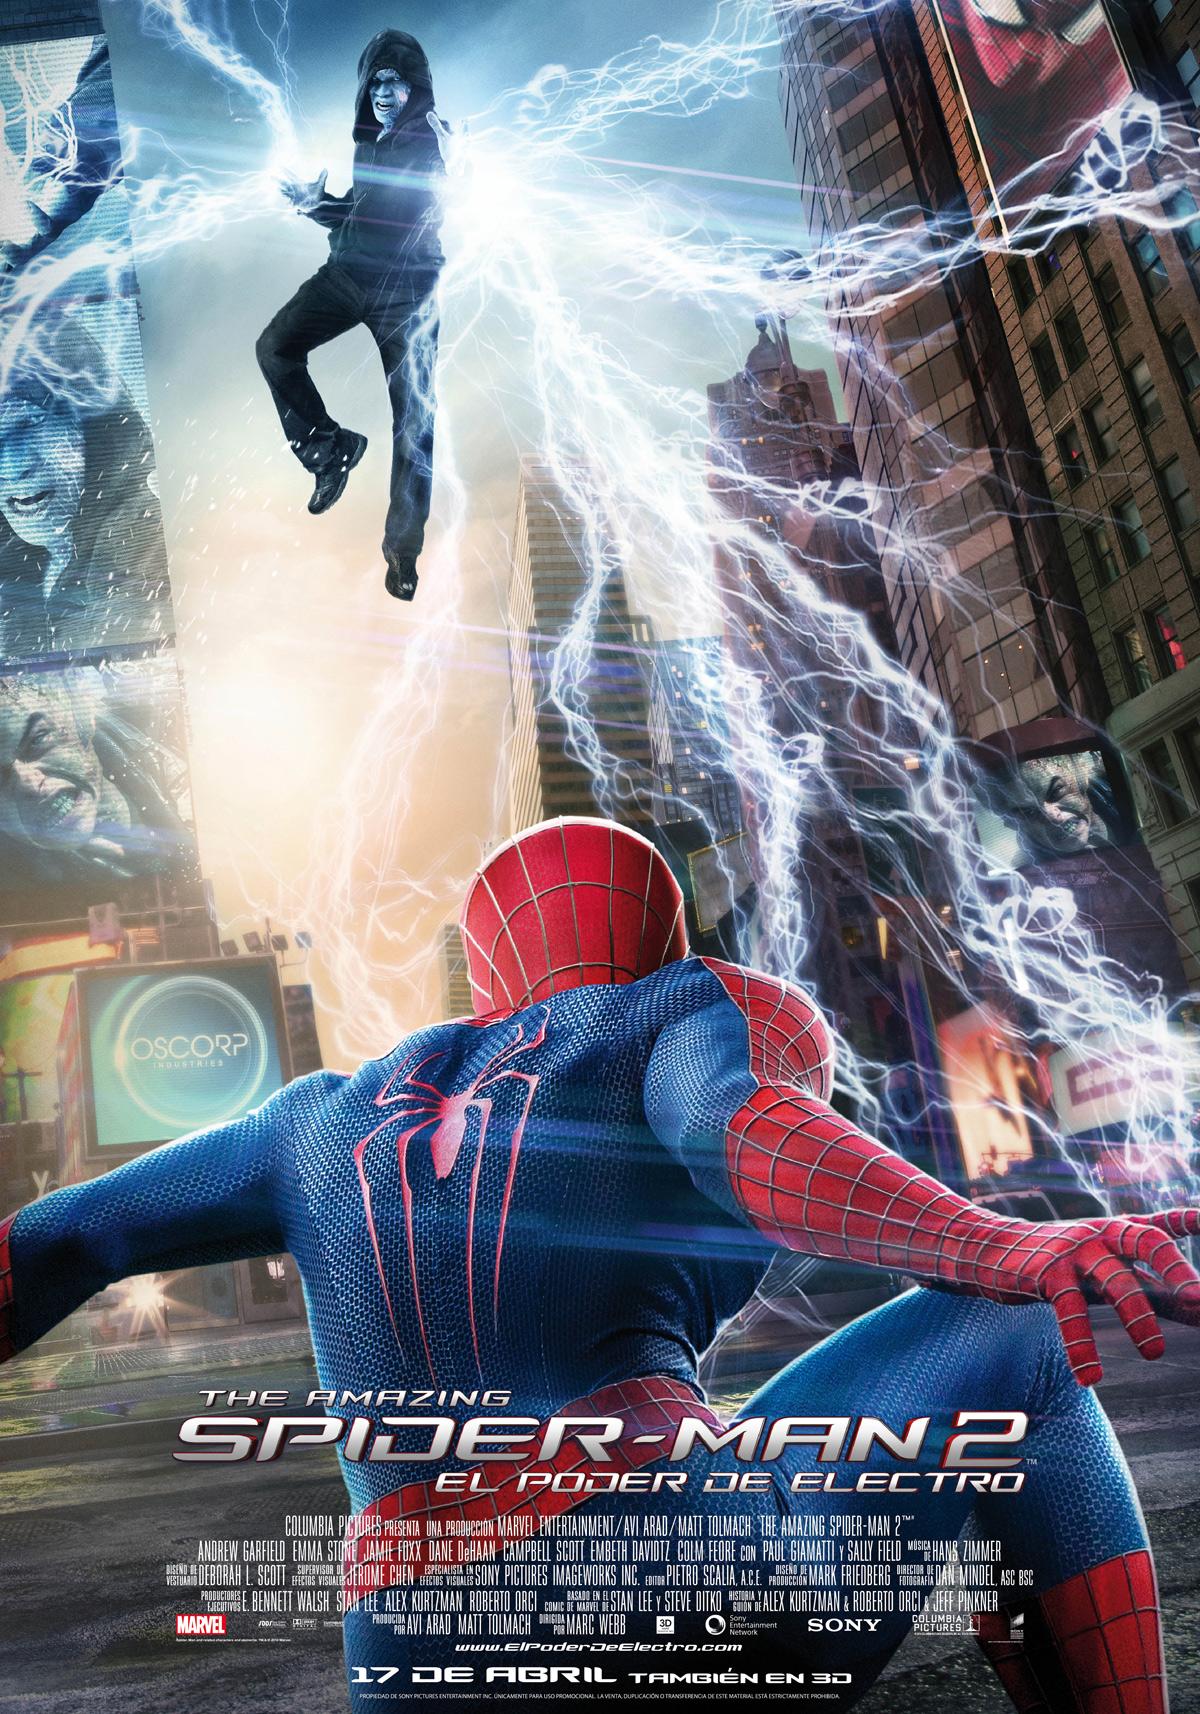 SpiderMan Homecoming  Pelcula 2017  SensaCinecom